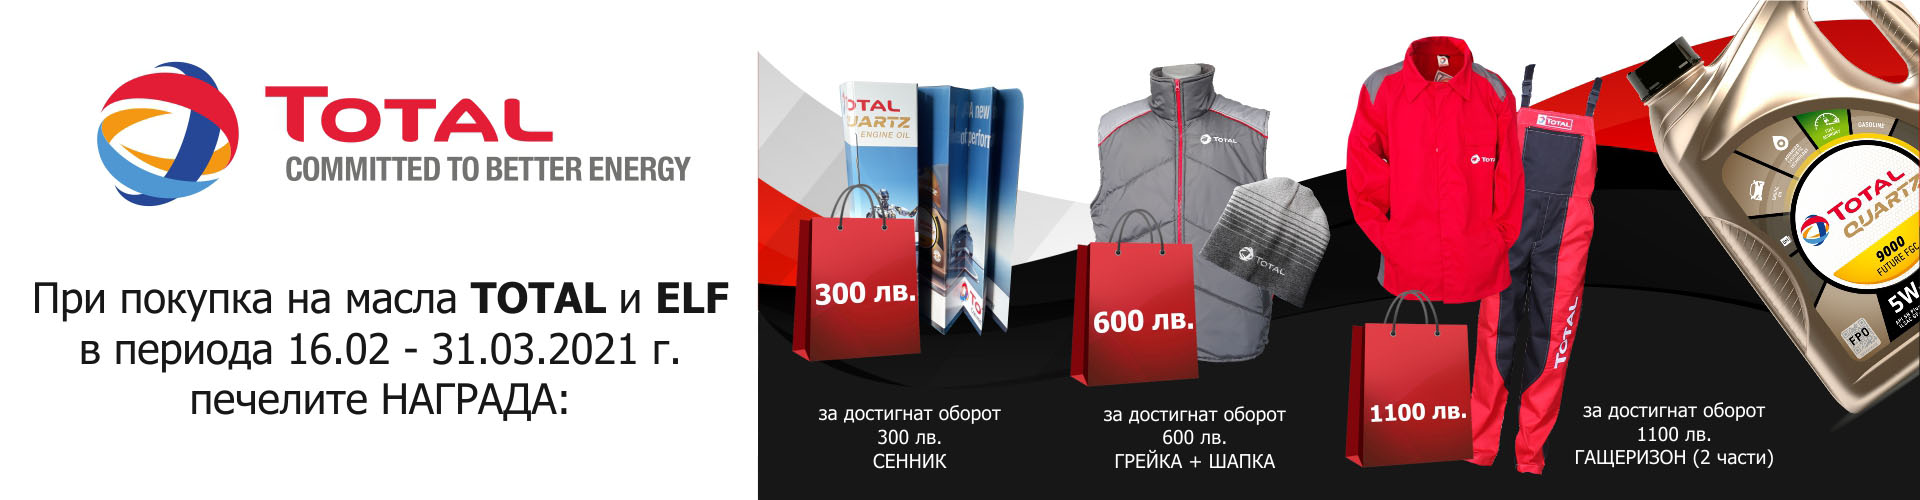 promo_total_16.02.2021-31.03.2021_banner.jpg